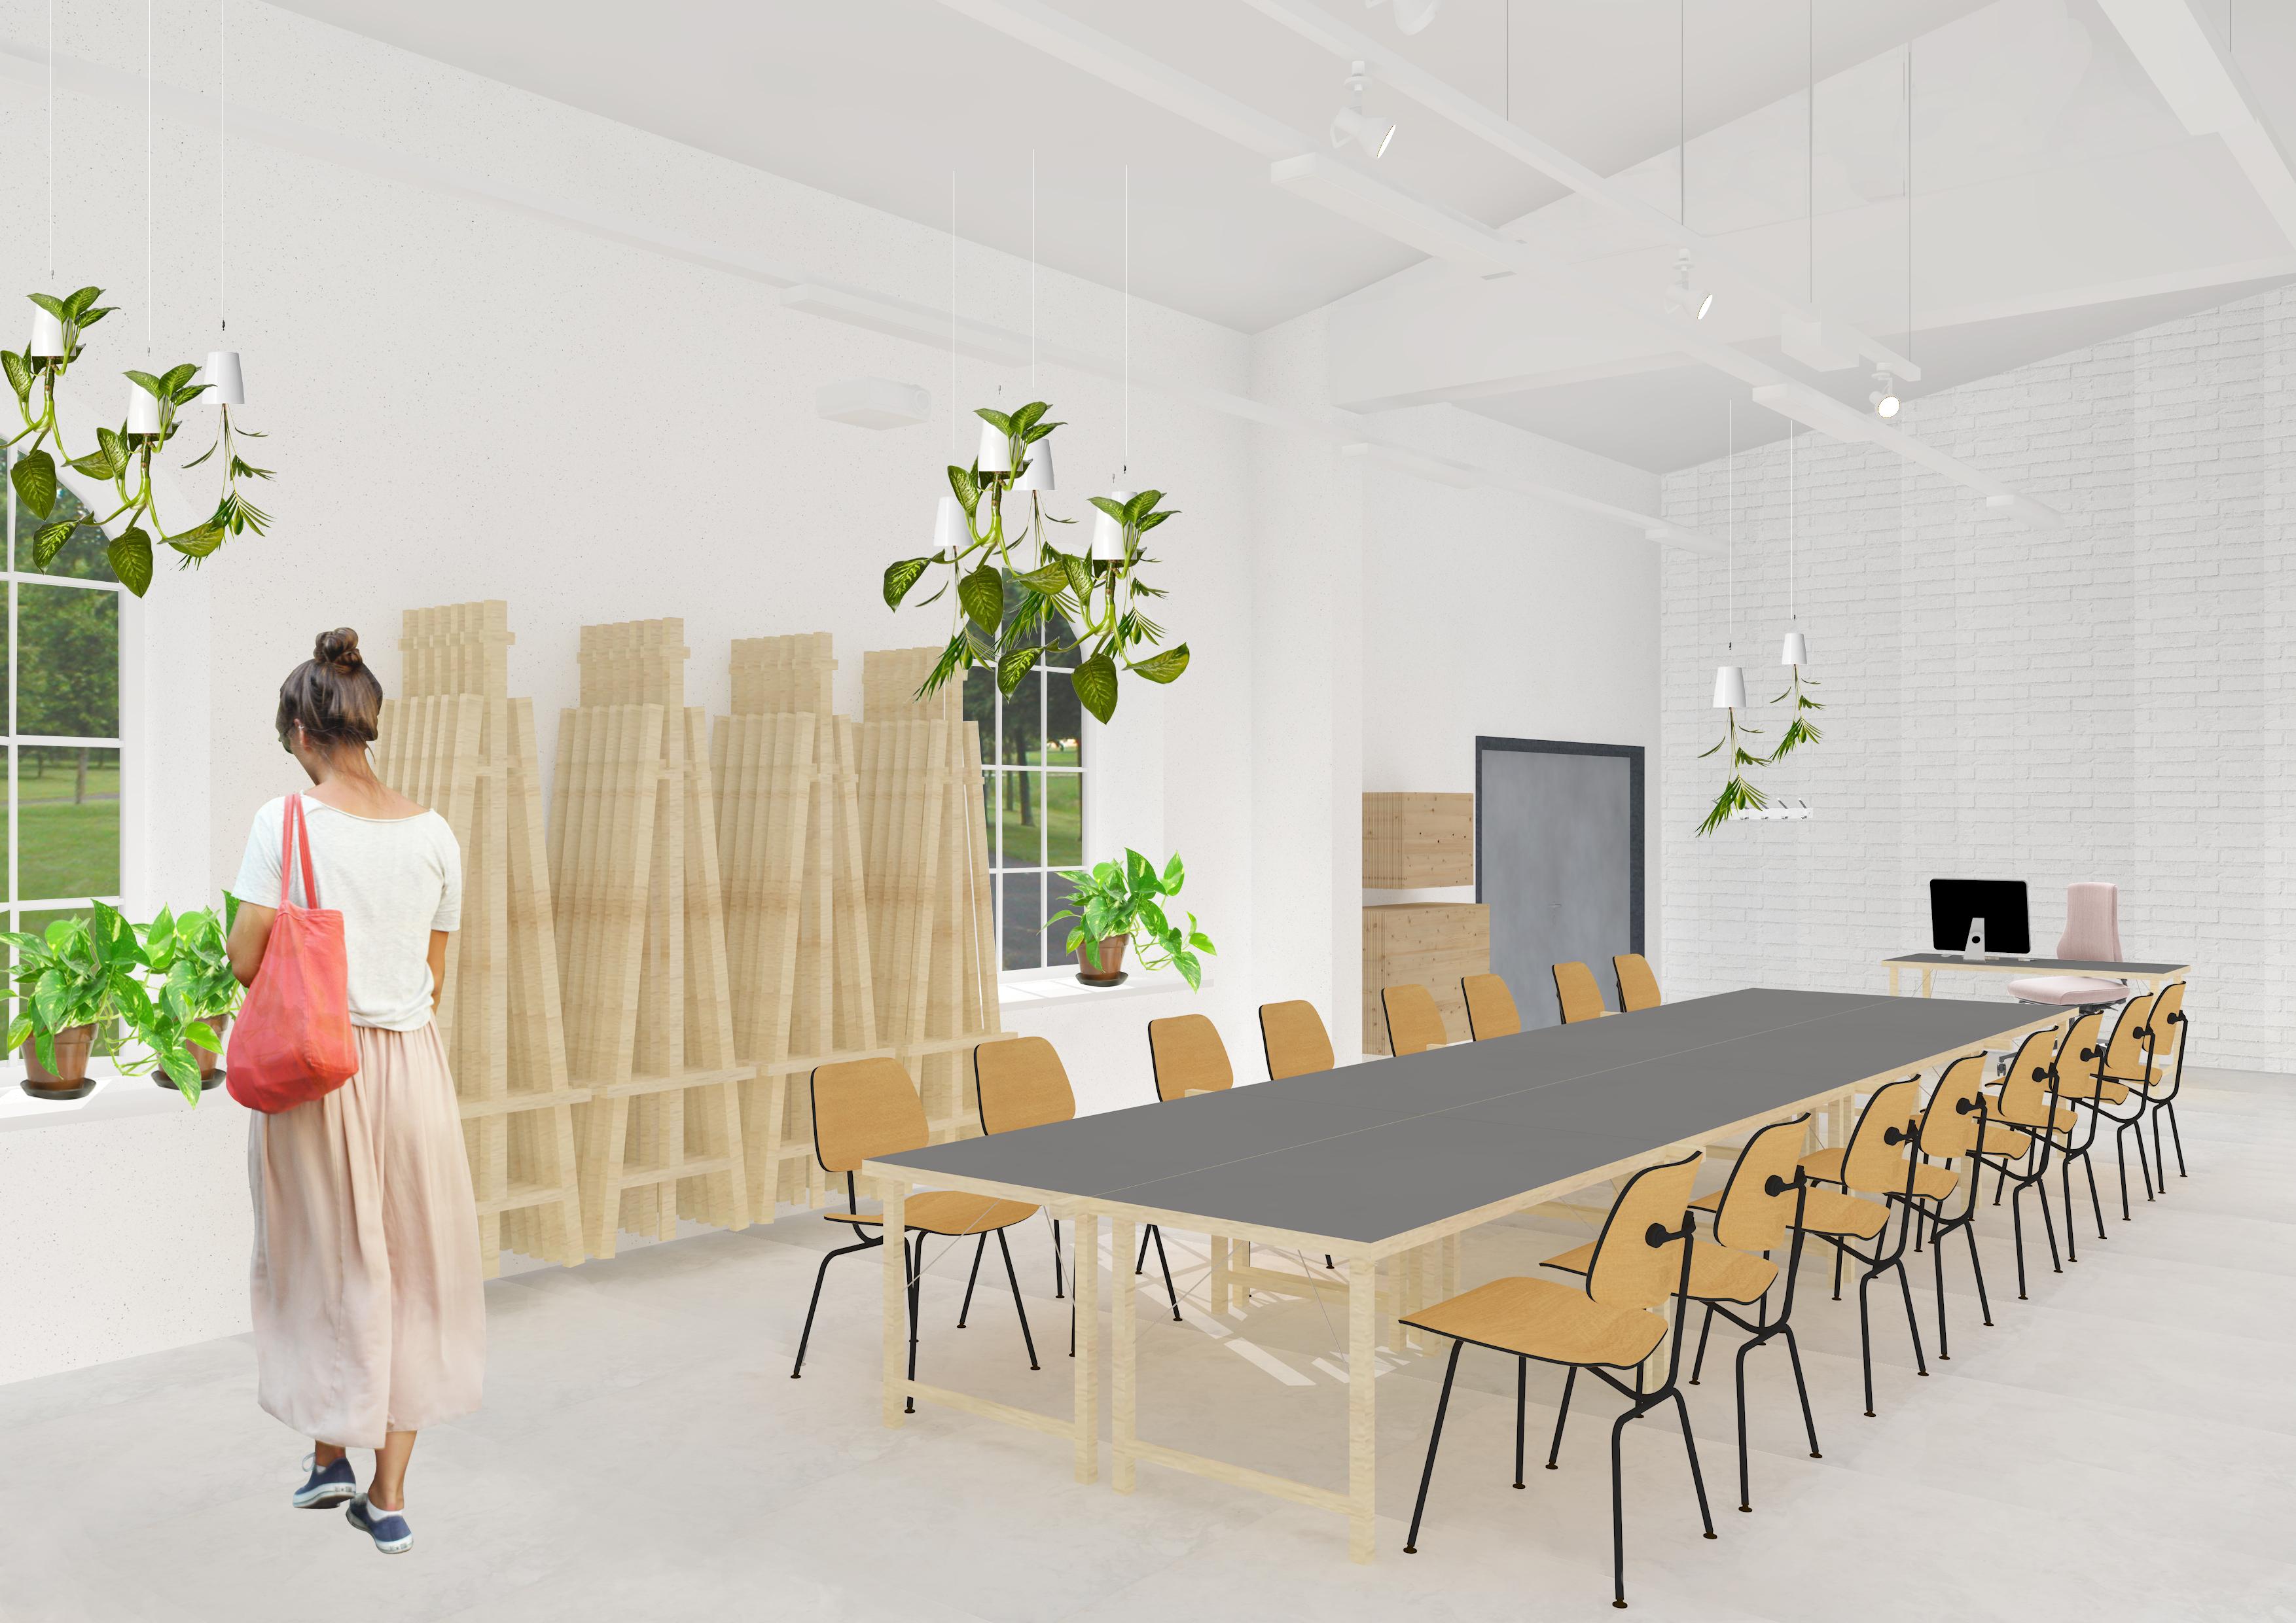 Final Thesis. Arabia Campus - Art class design with organic materials. 2016. Mira Hölttä. Interior Architecture. Photo: Mira Hölttä. Arabian kampus - Luonnonmateriaalit & viherkasvit taideopetustilassa.